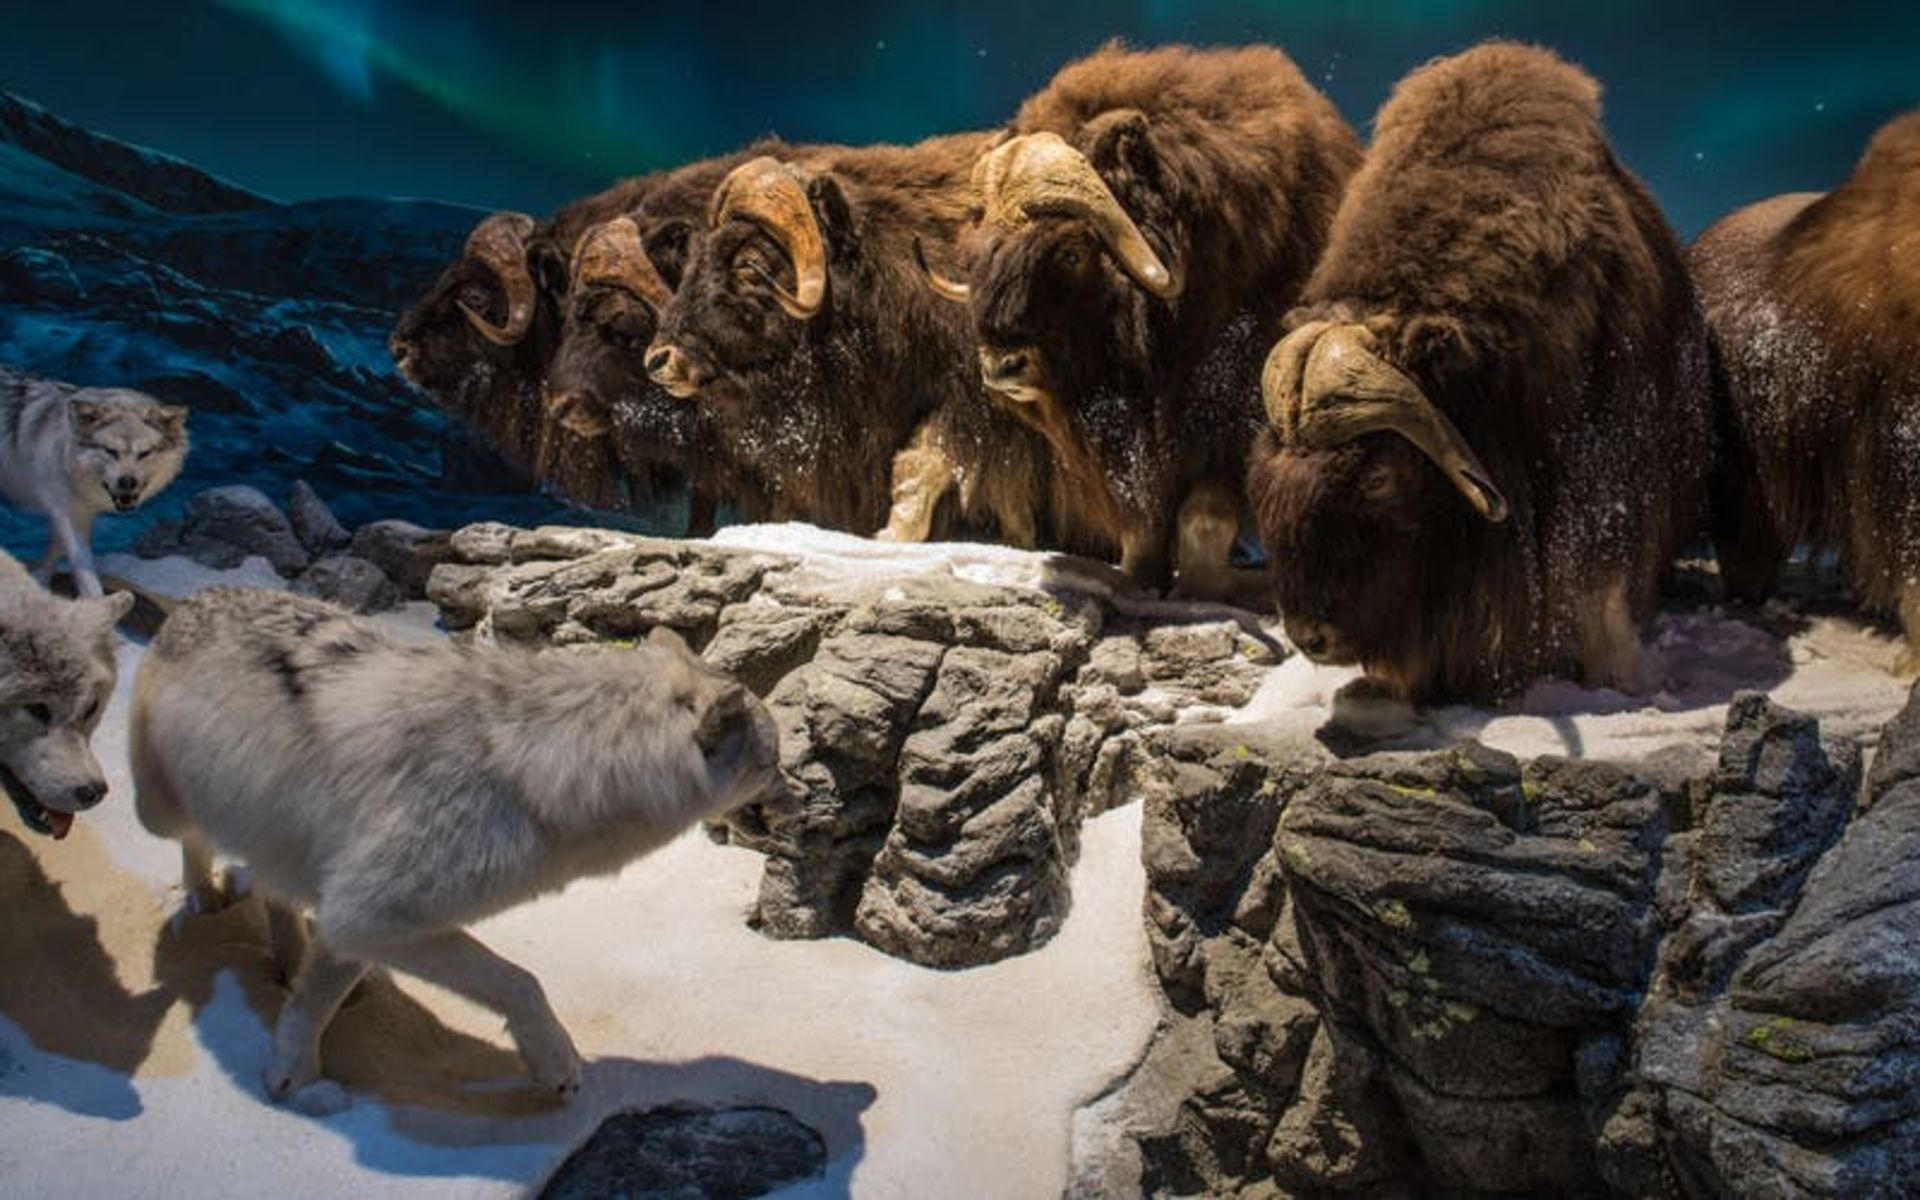 Wonders of Wildlife National Museum & Aquarium in Springfield, Missouri.